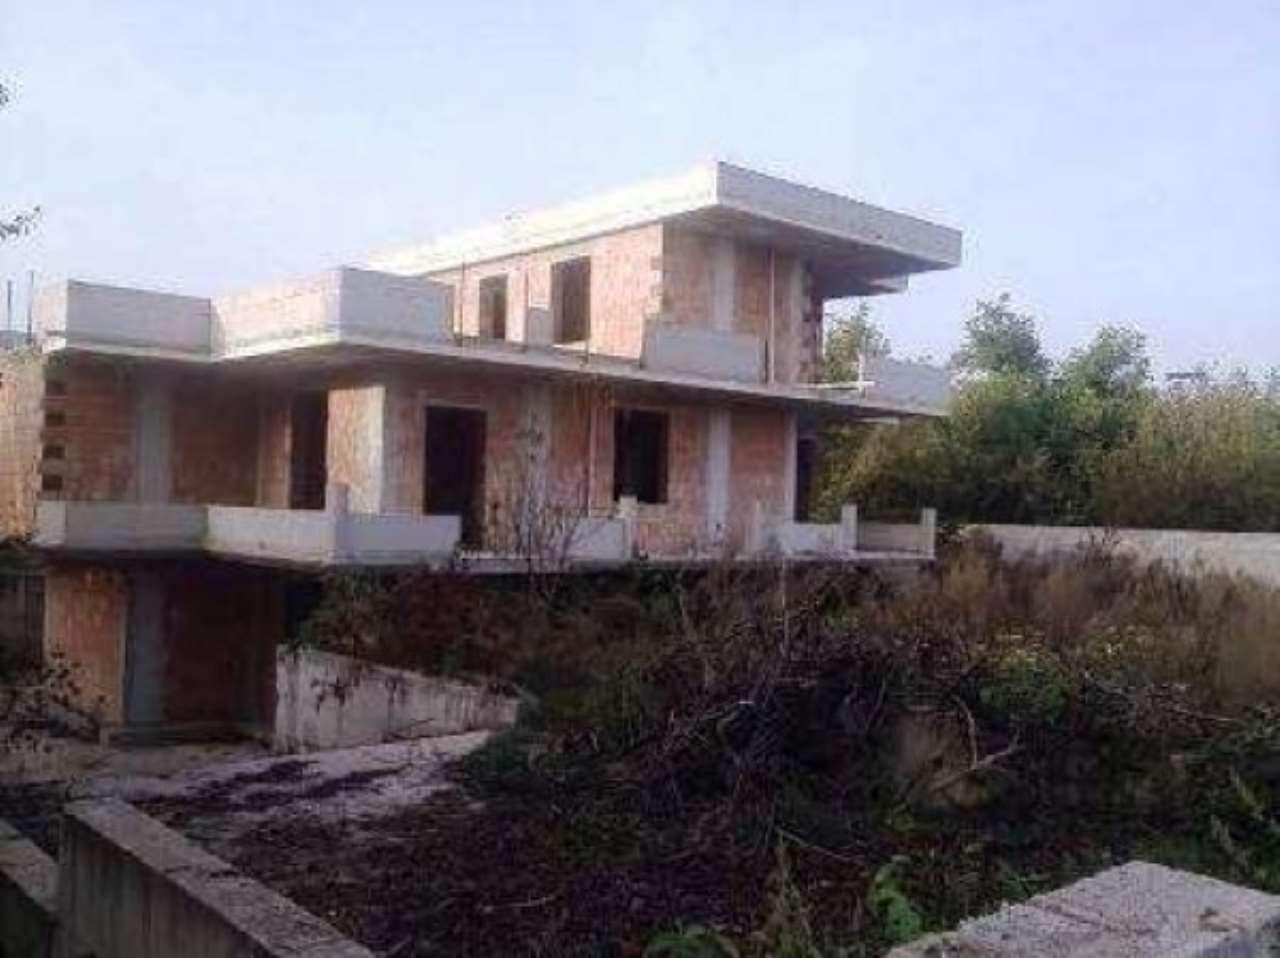 Villa in vendita a Saviano, 6 locali, prezzo € 270.000 | CambioCasa.it